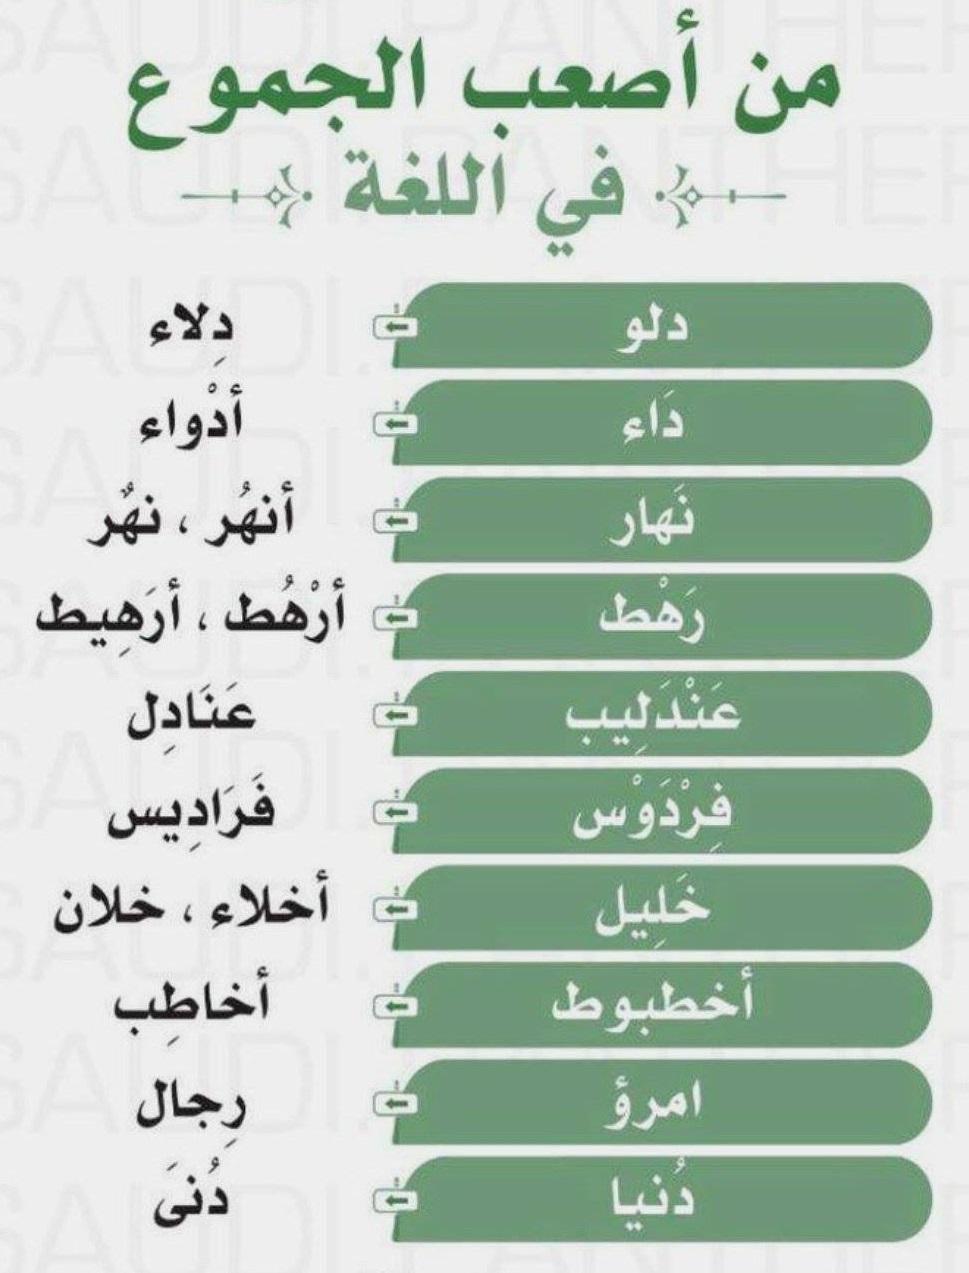 اصعب الجموع في اللغة العربية 02210